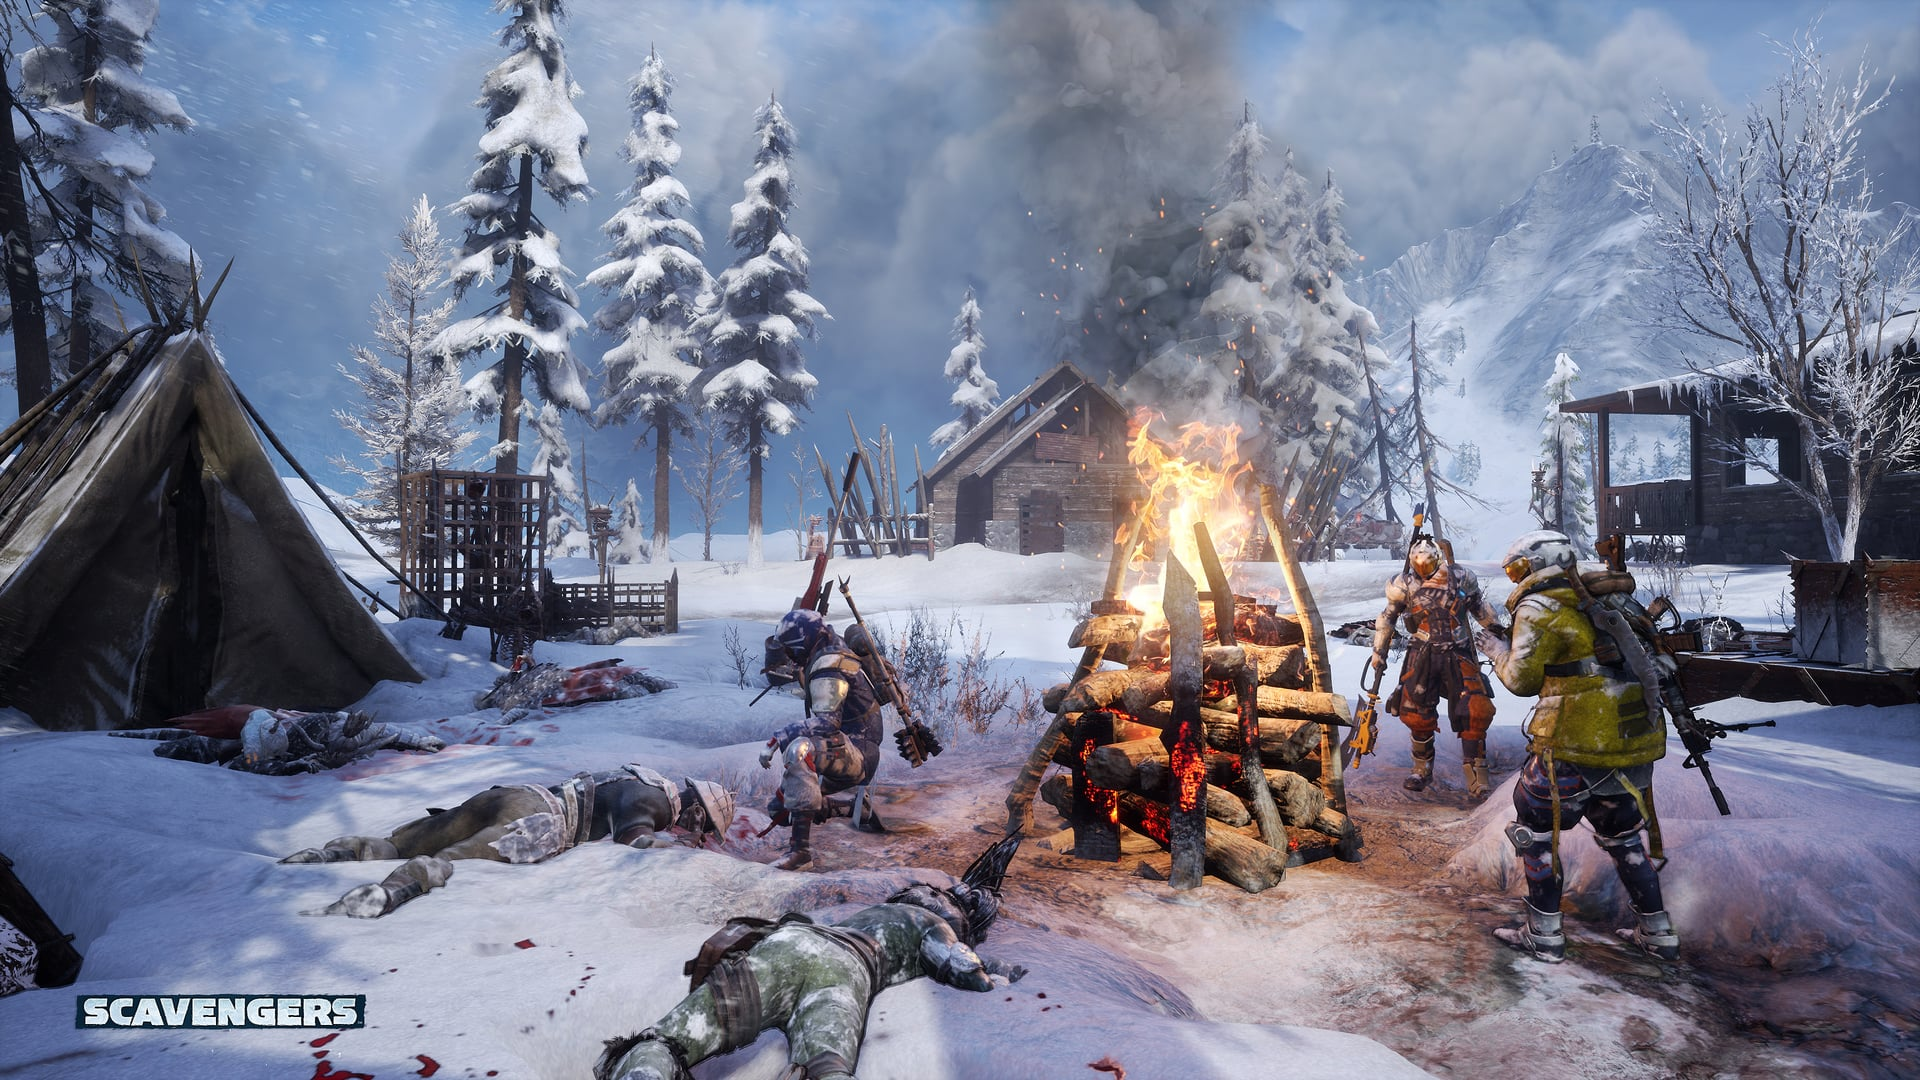 Scavengers Gameplay Screenshot Campfire Warm